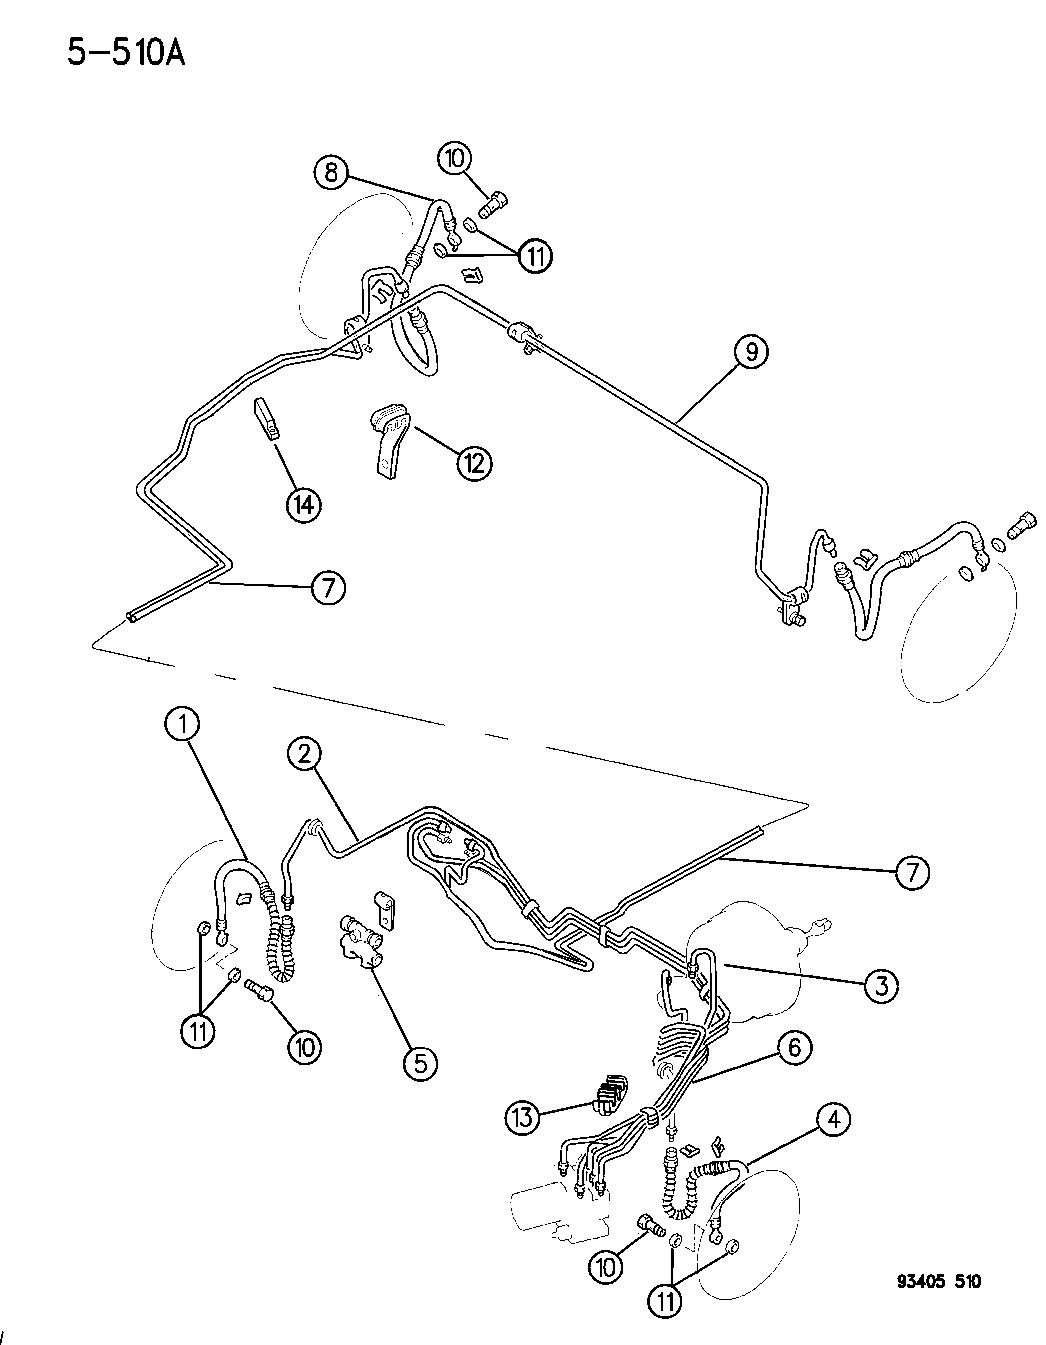 1994 Dodge Intrepid Lines & Hoses, Brake (Proportioning